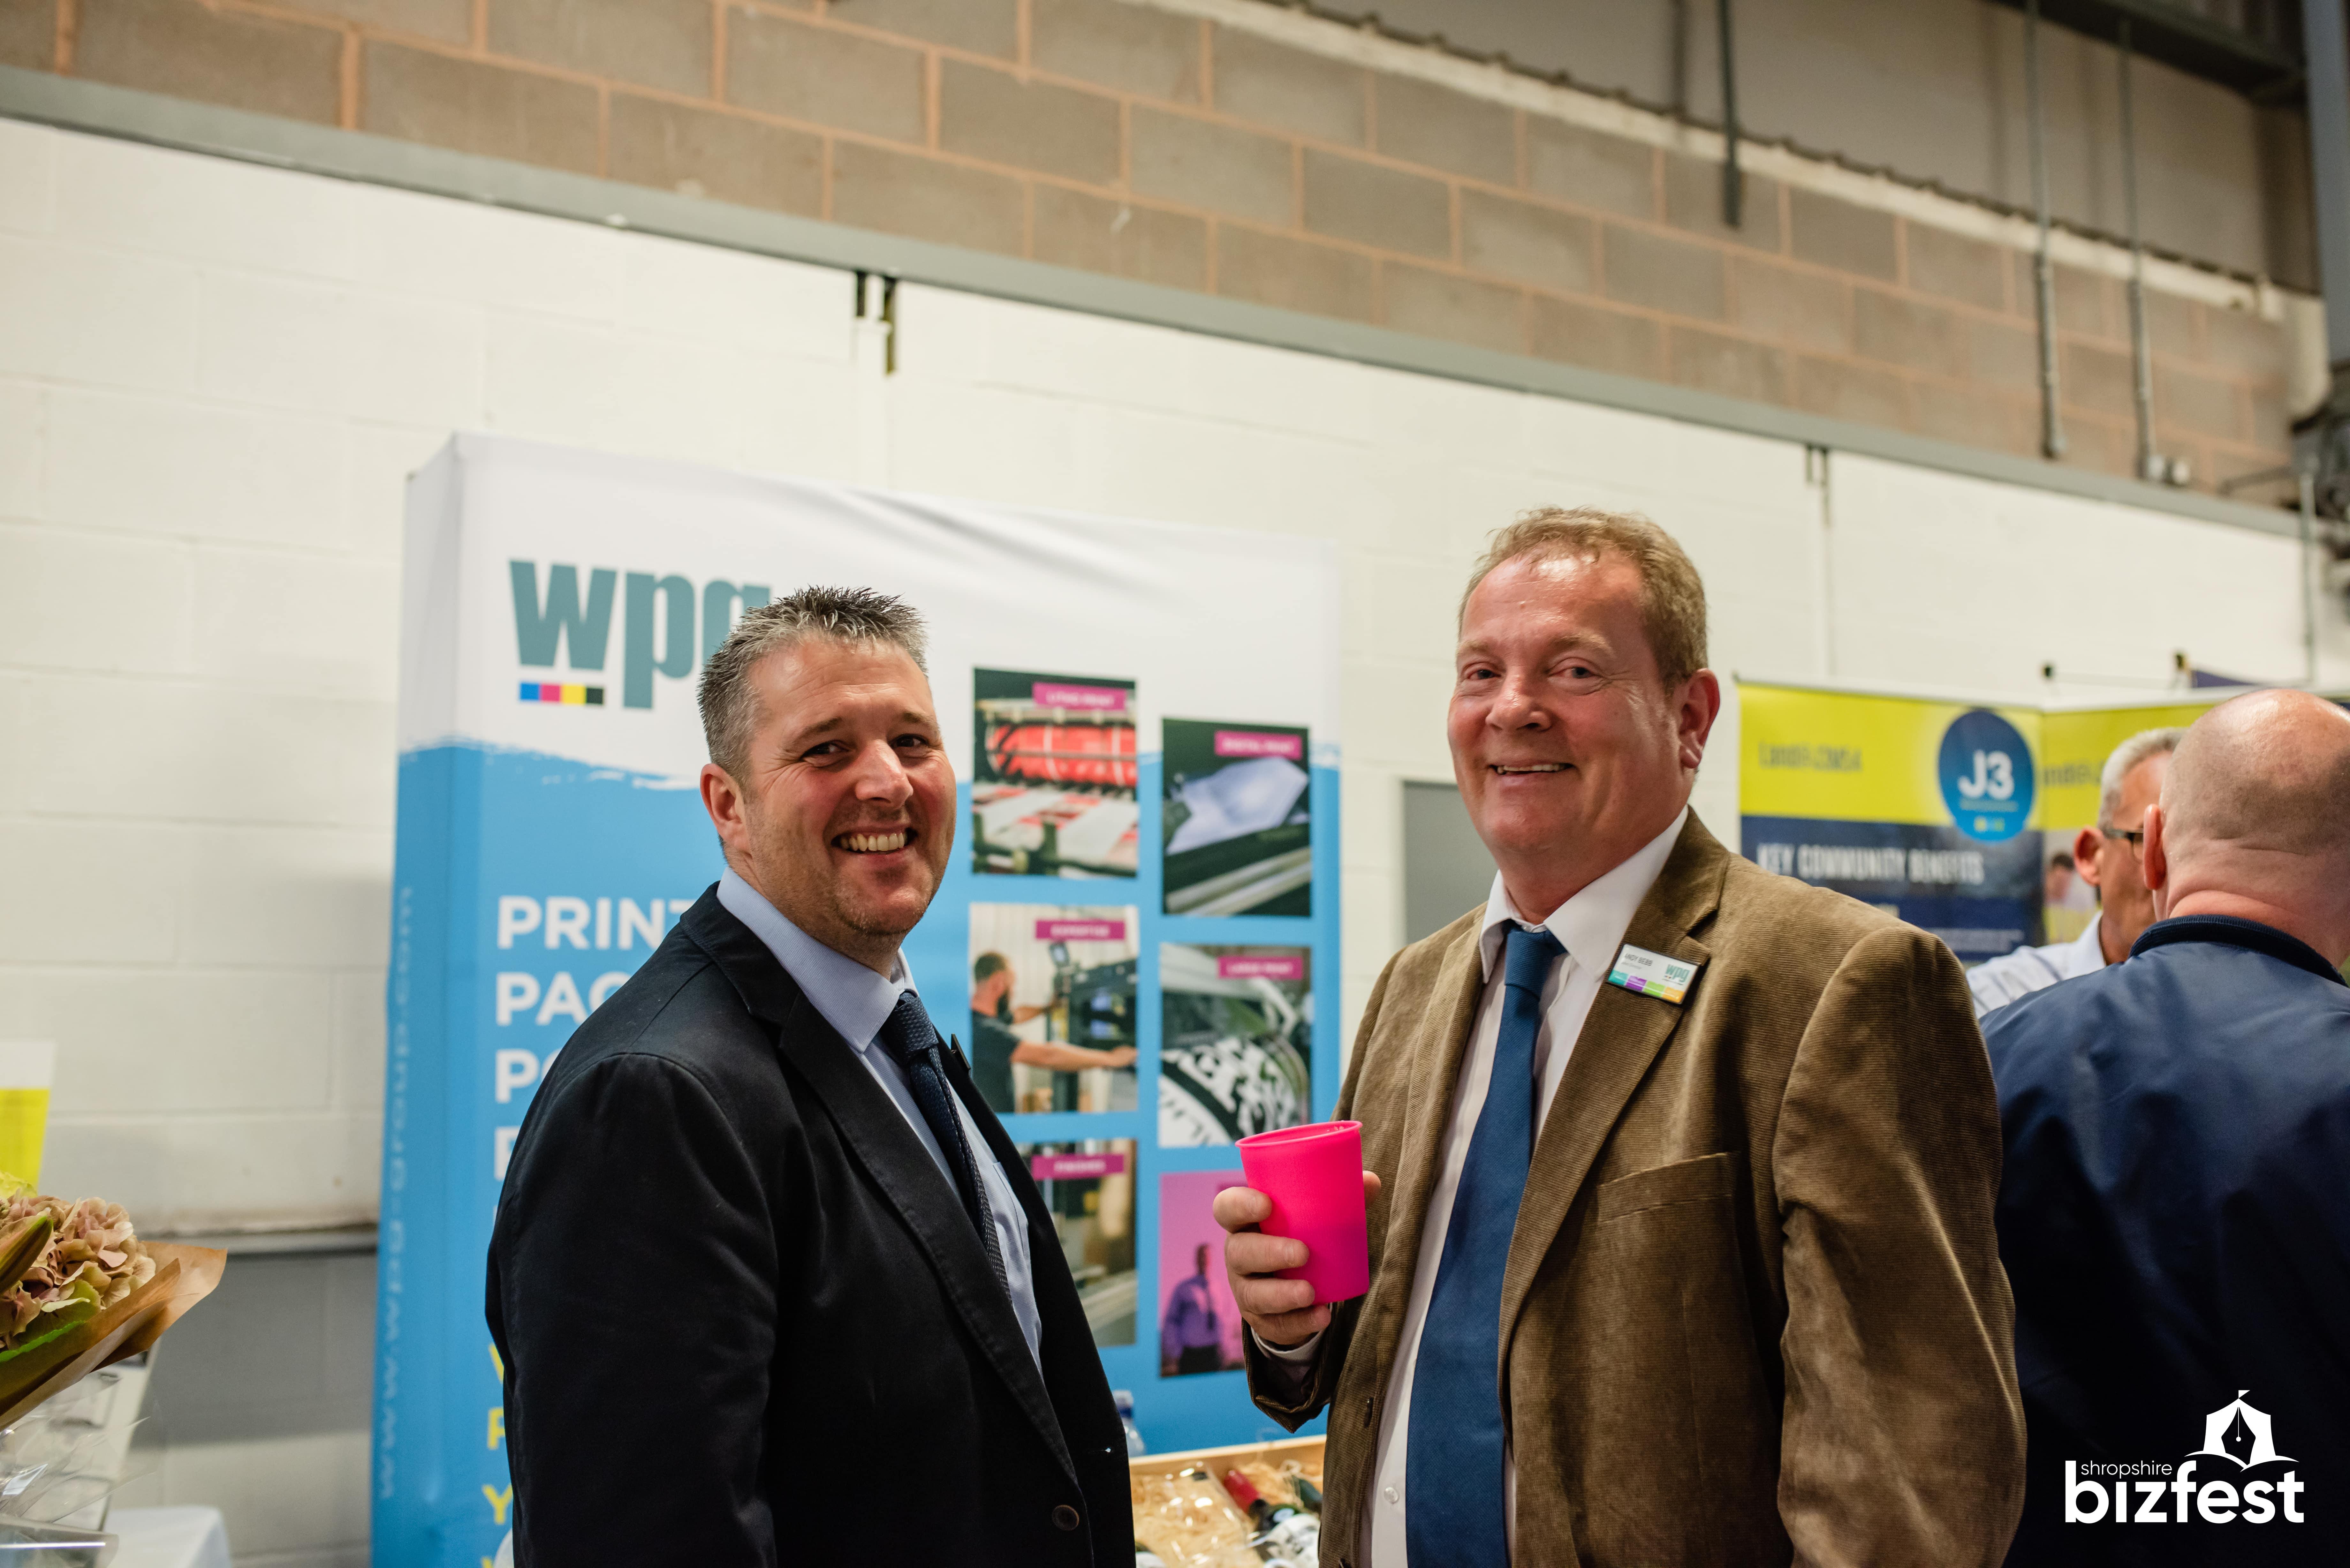 WPG named the official printing sponsor of Shropshire Bizfest 2019